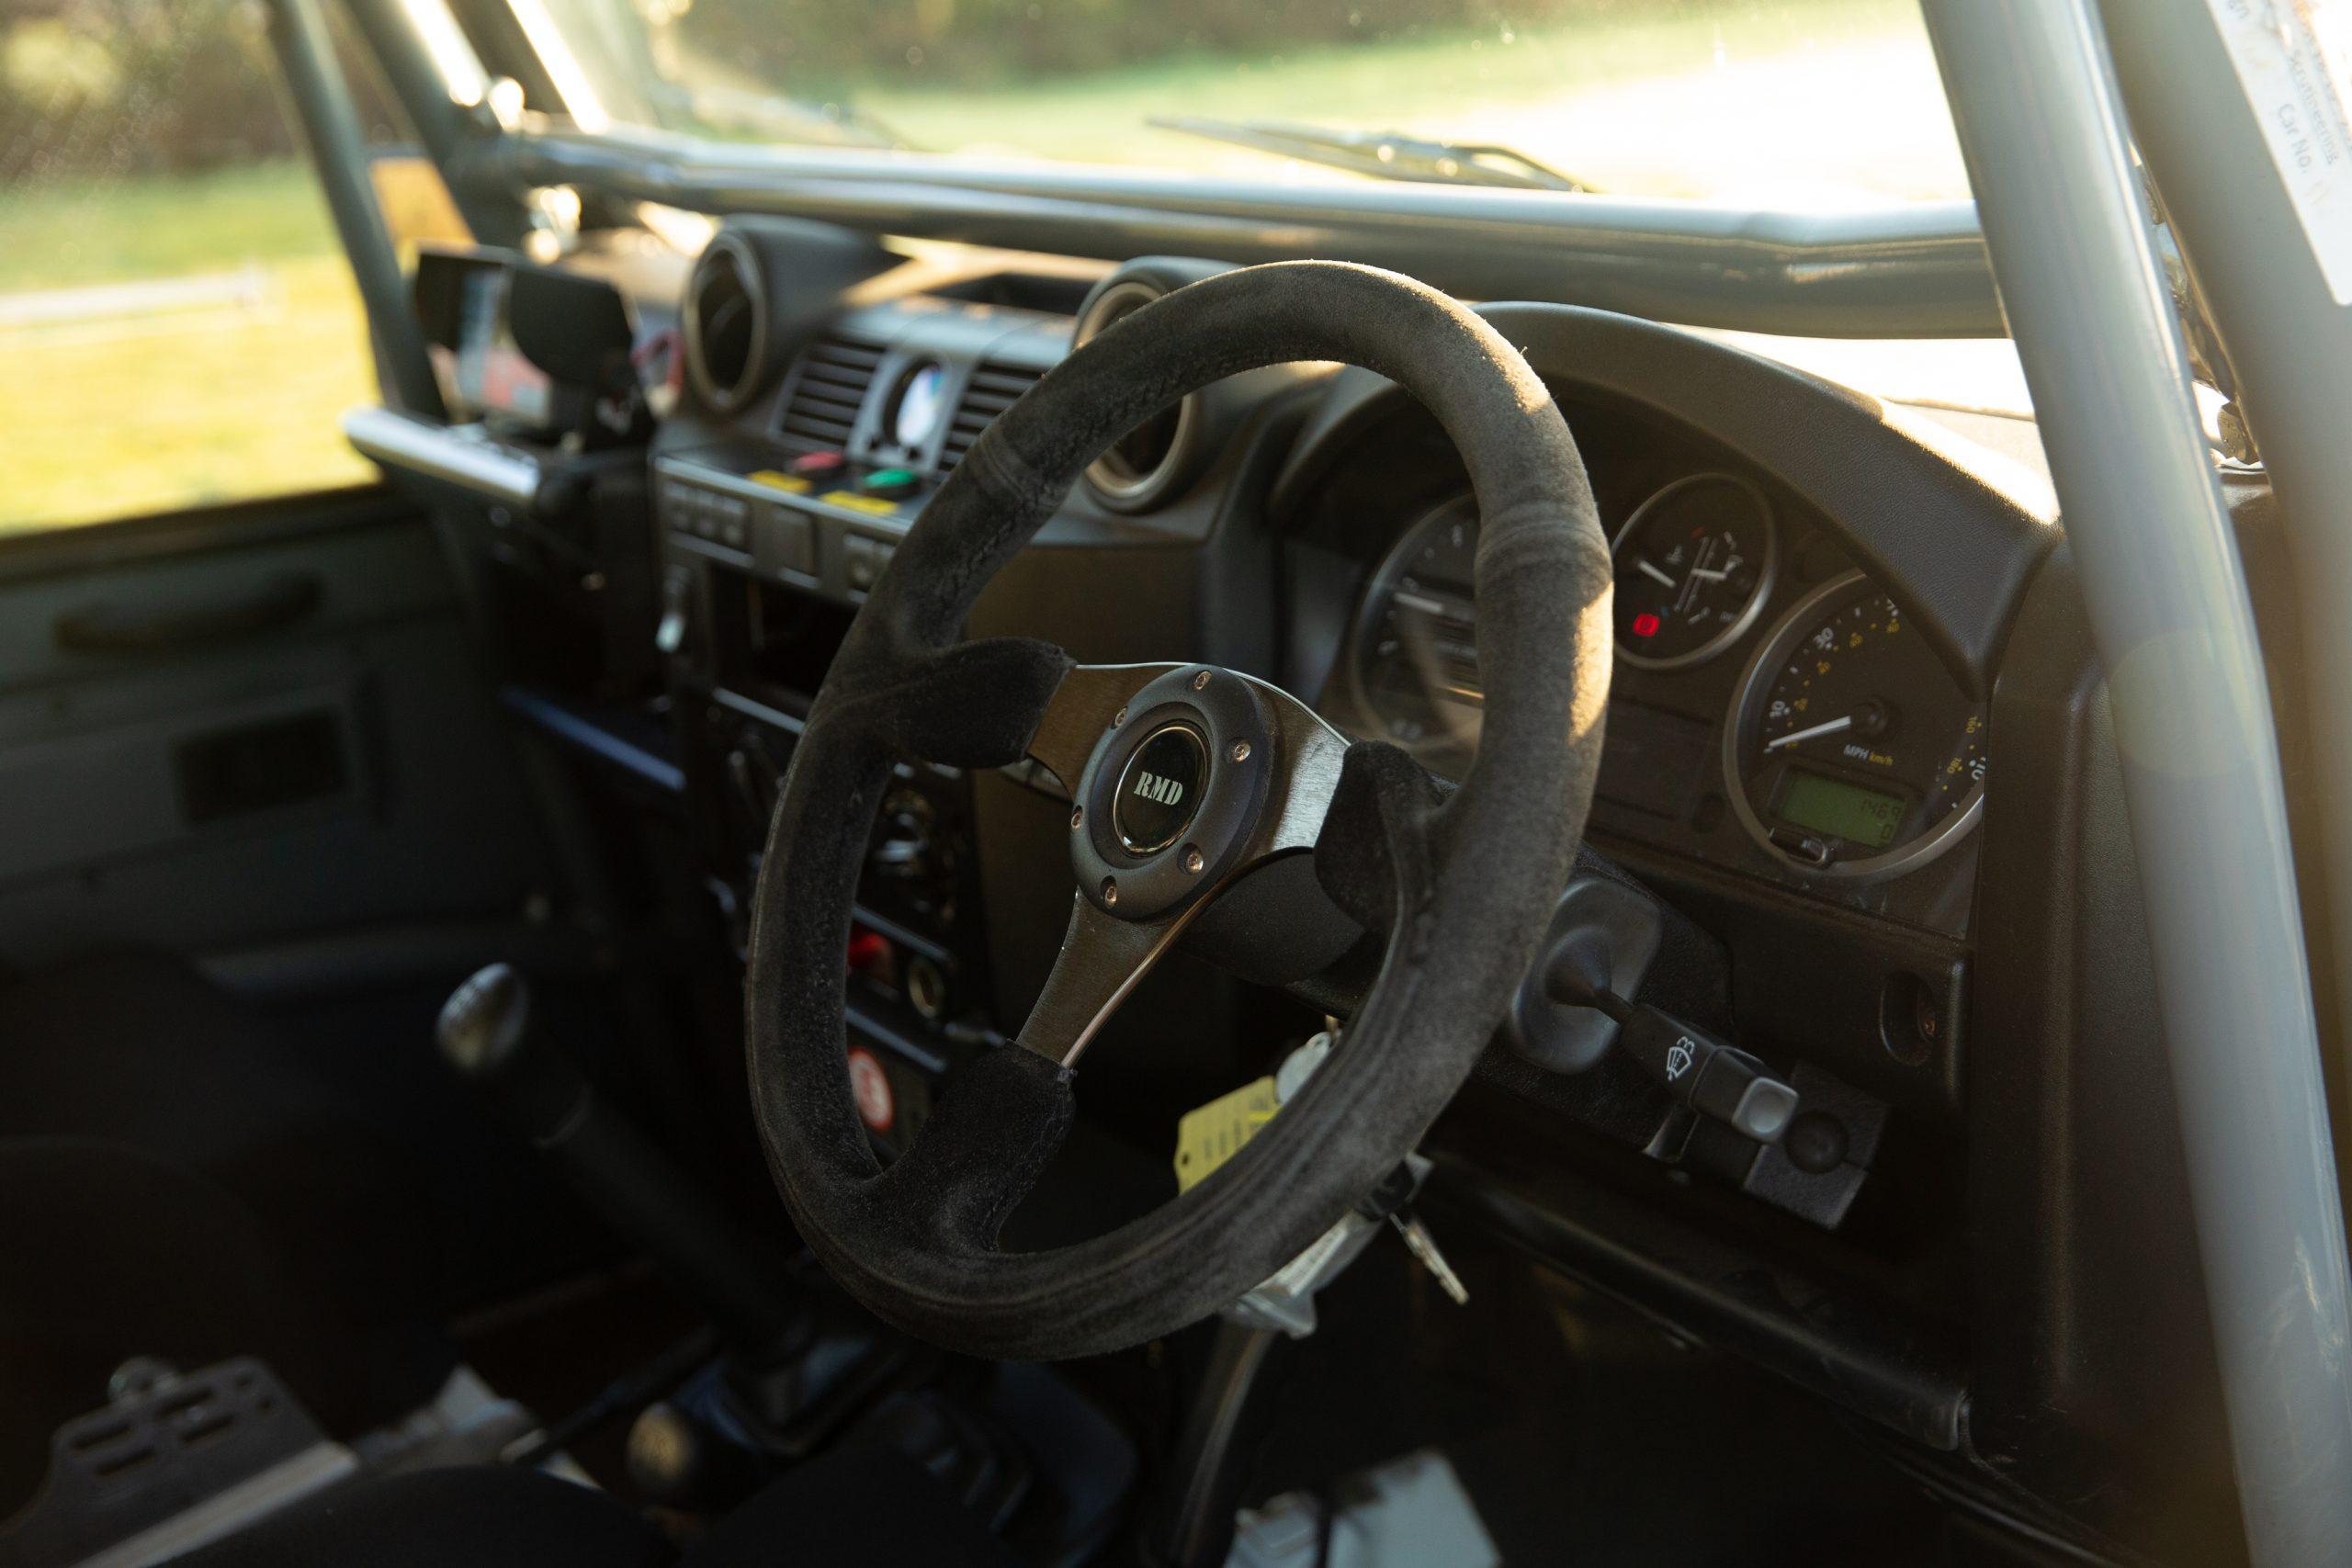 Land Rover Defender 90 Hardtop interior